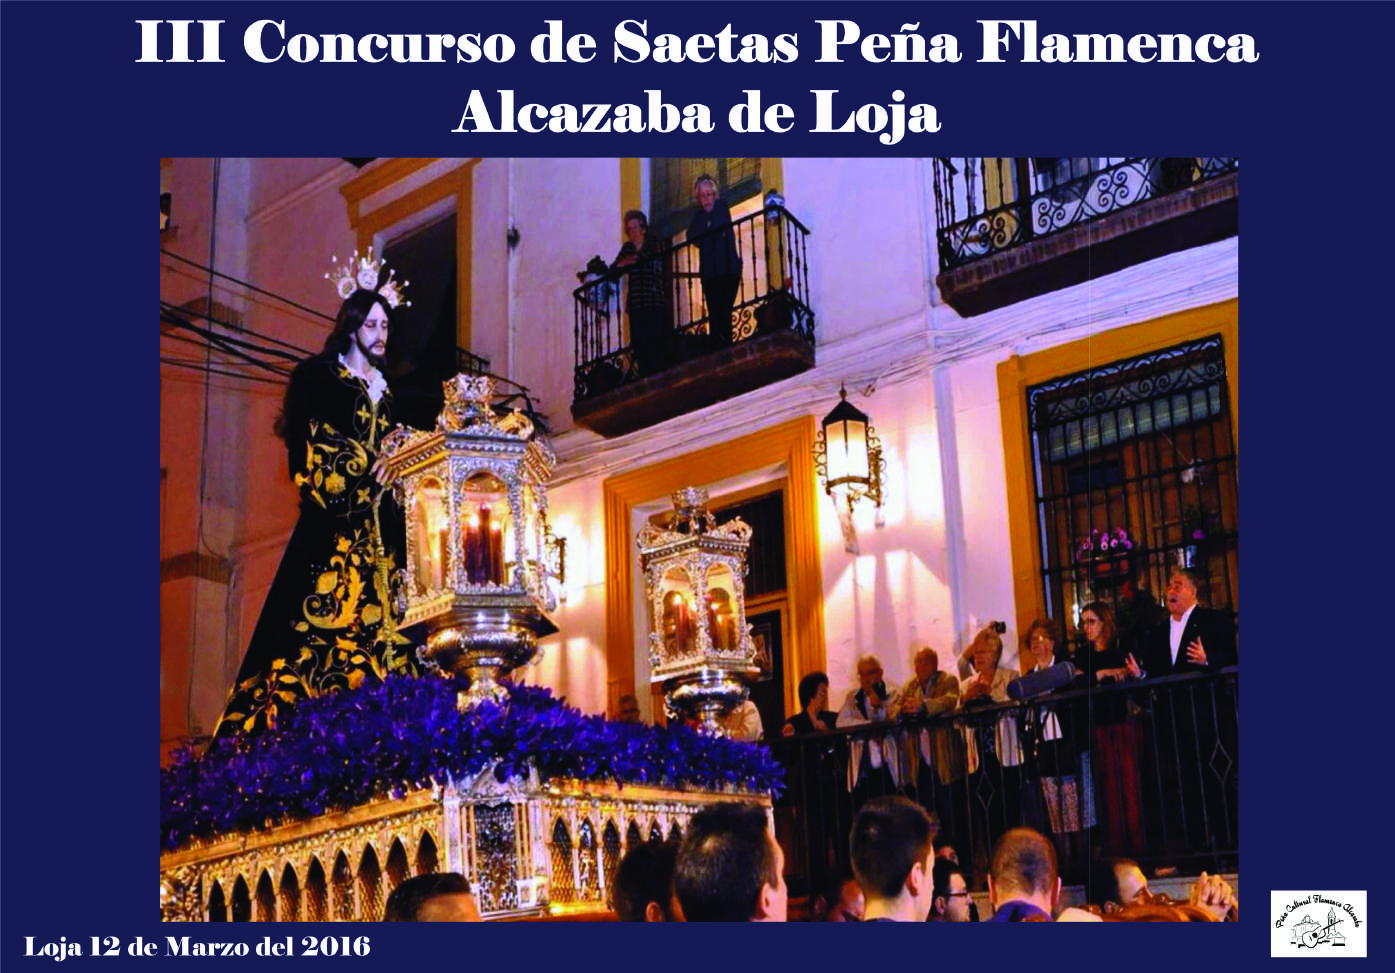 Cartel concurso de Saetas Peña Flamenca Alcazaba de Loja 2016